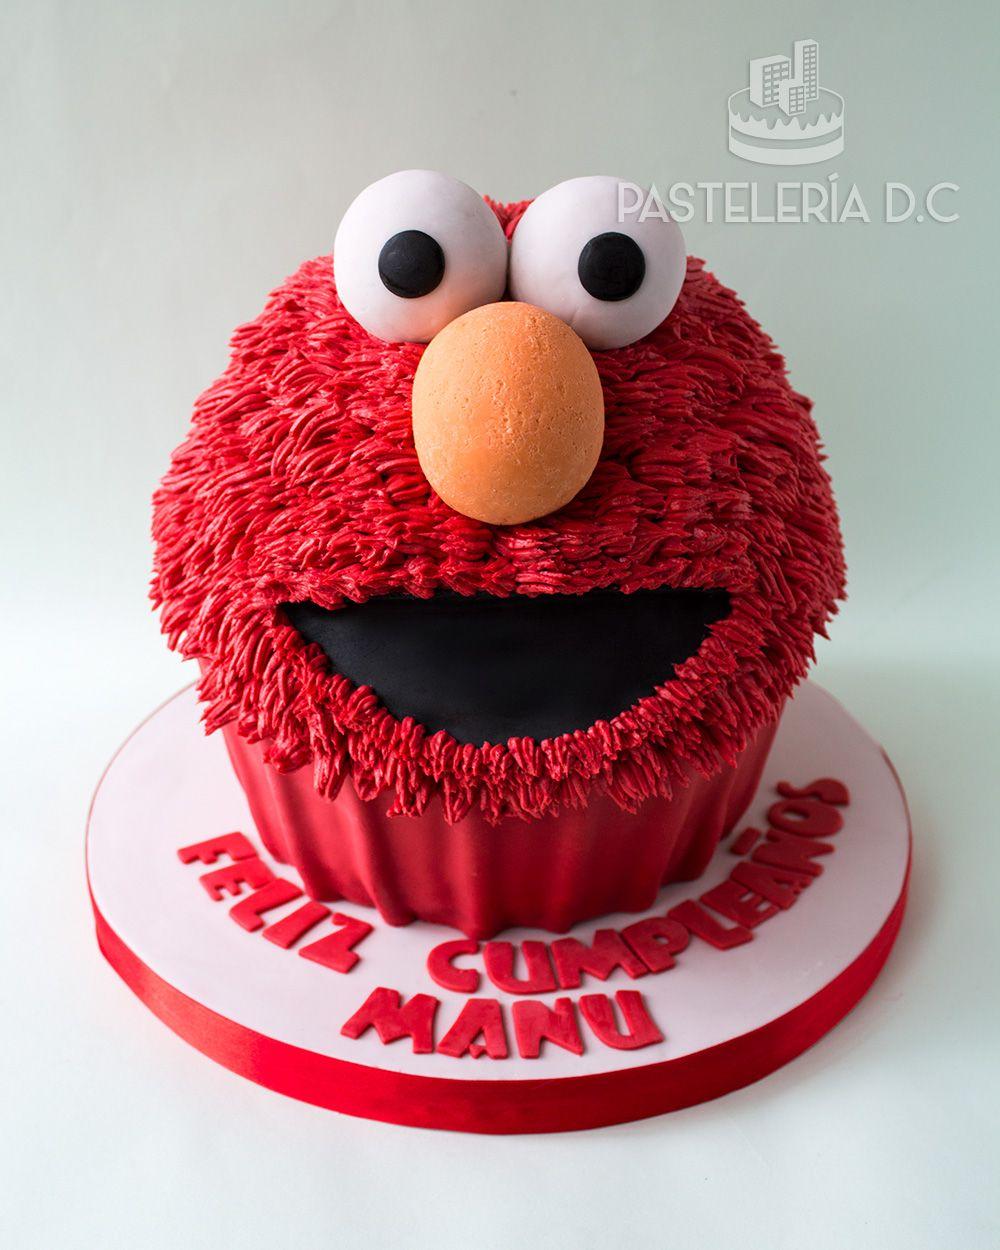 Torta Esculpida Tipo Cupcake Gigante De Elmo Elmo Giant